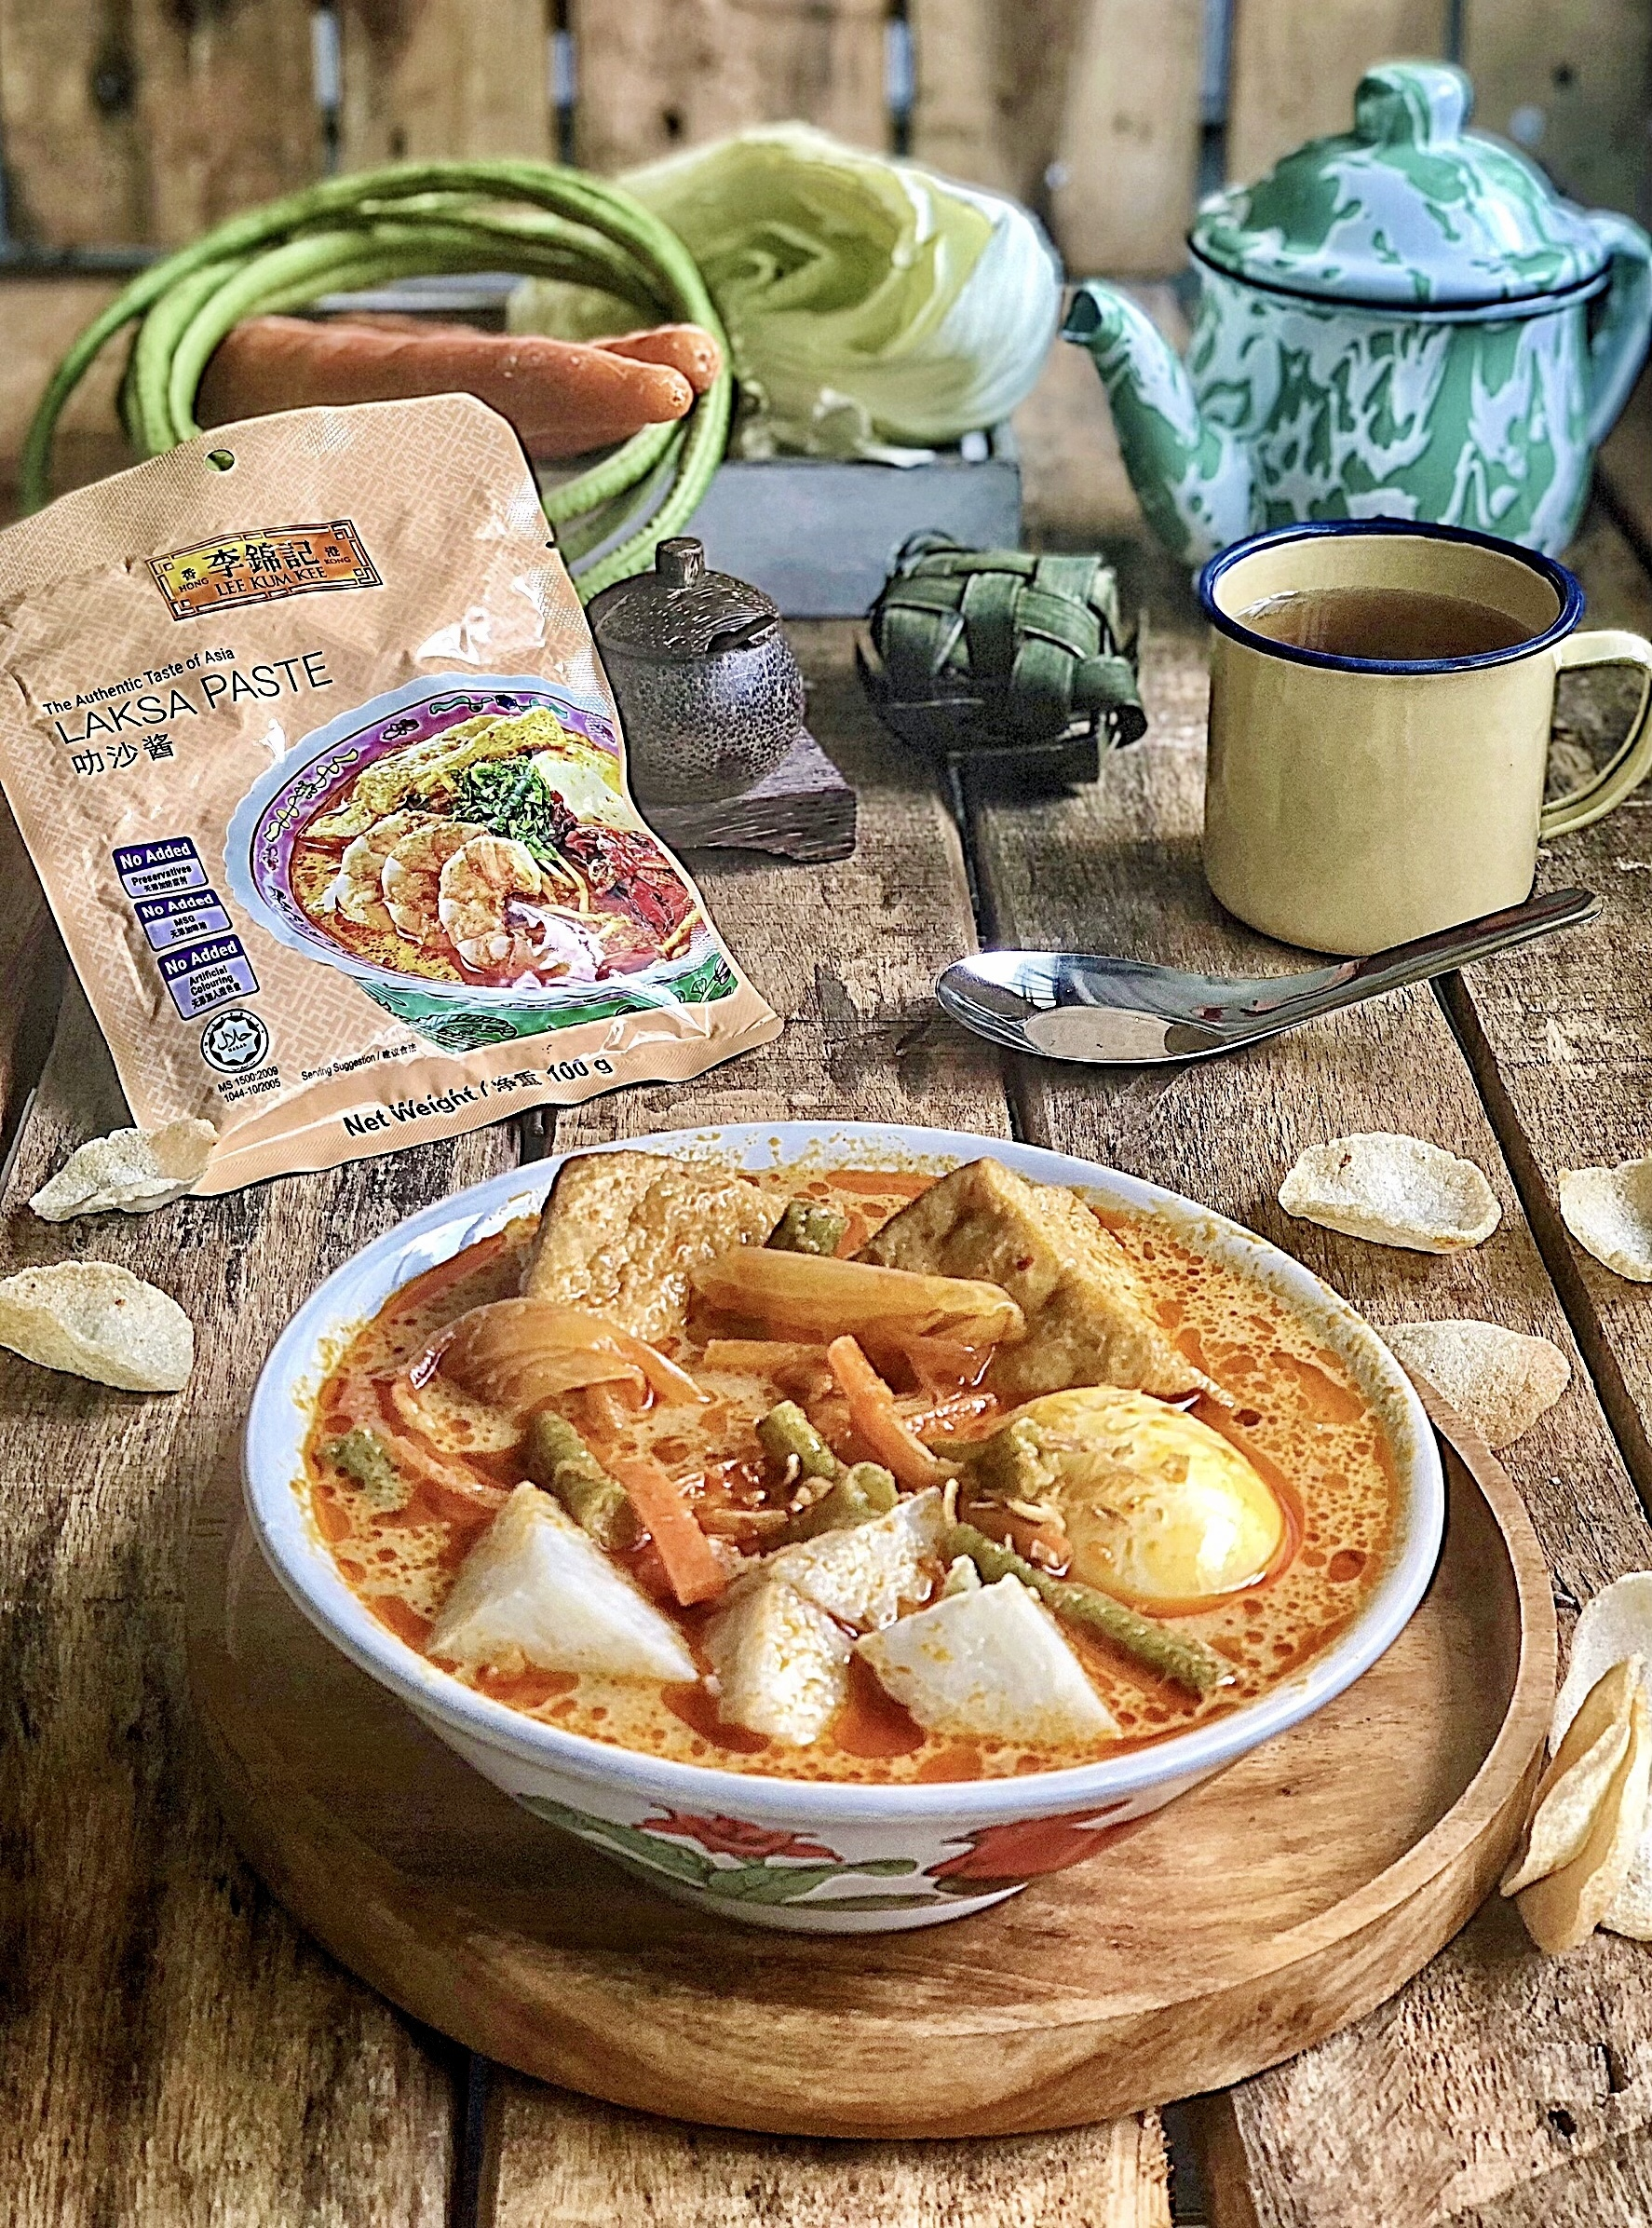 Sayur Lodeh Laksa with Ketupat